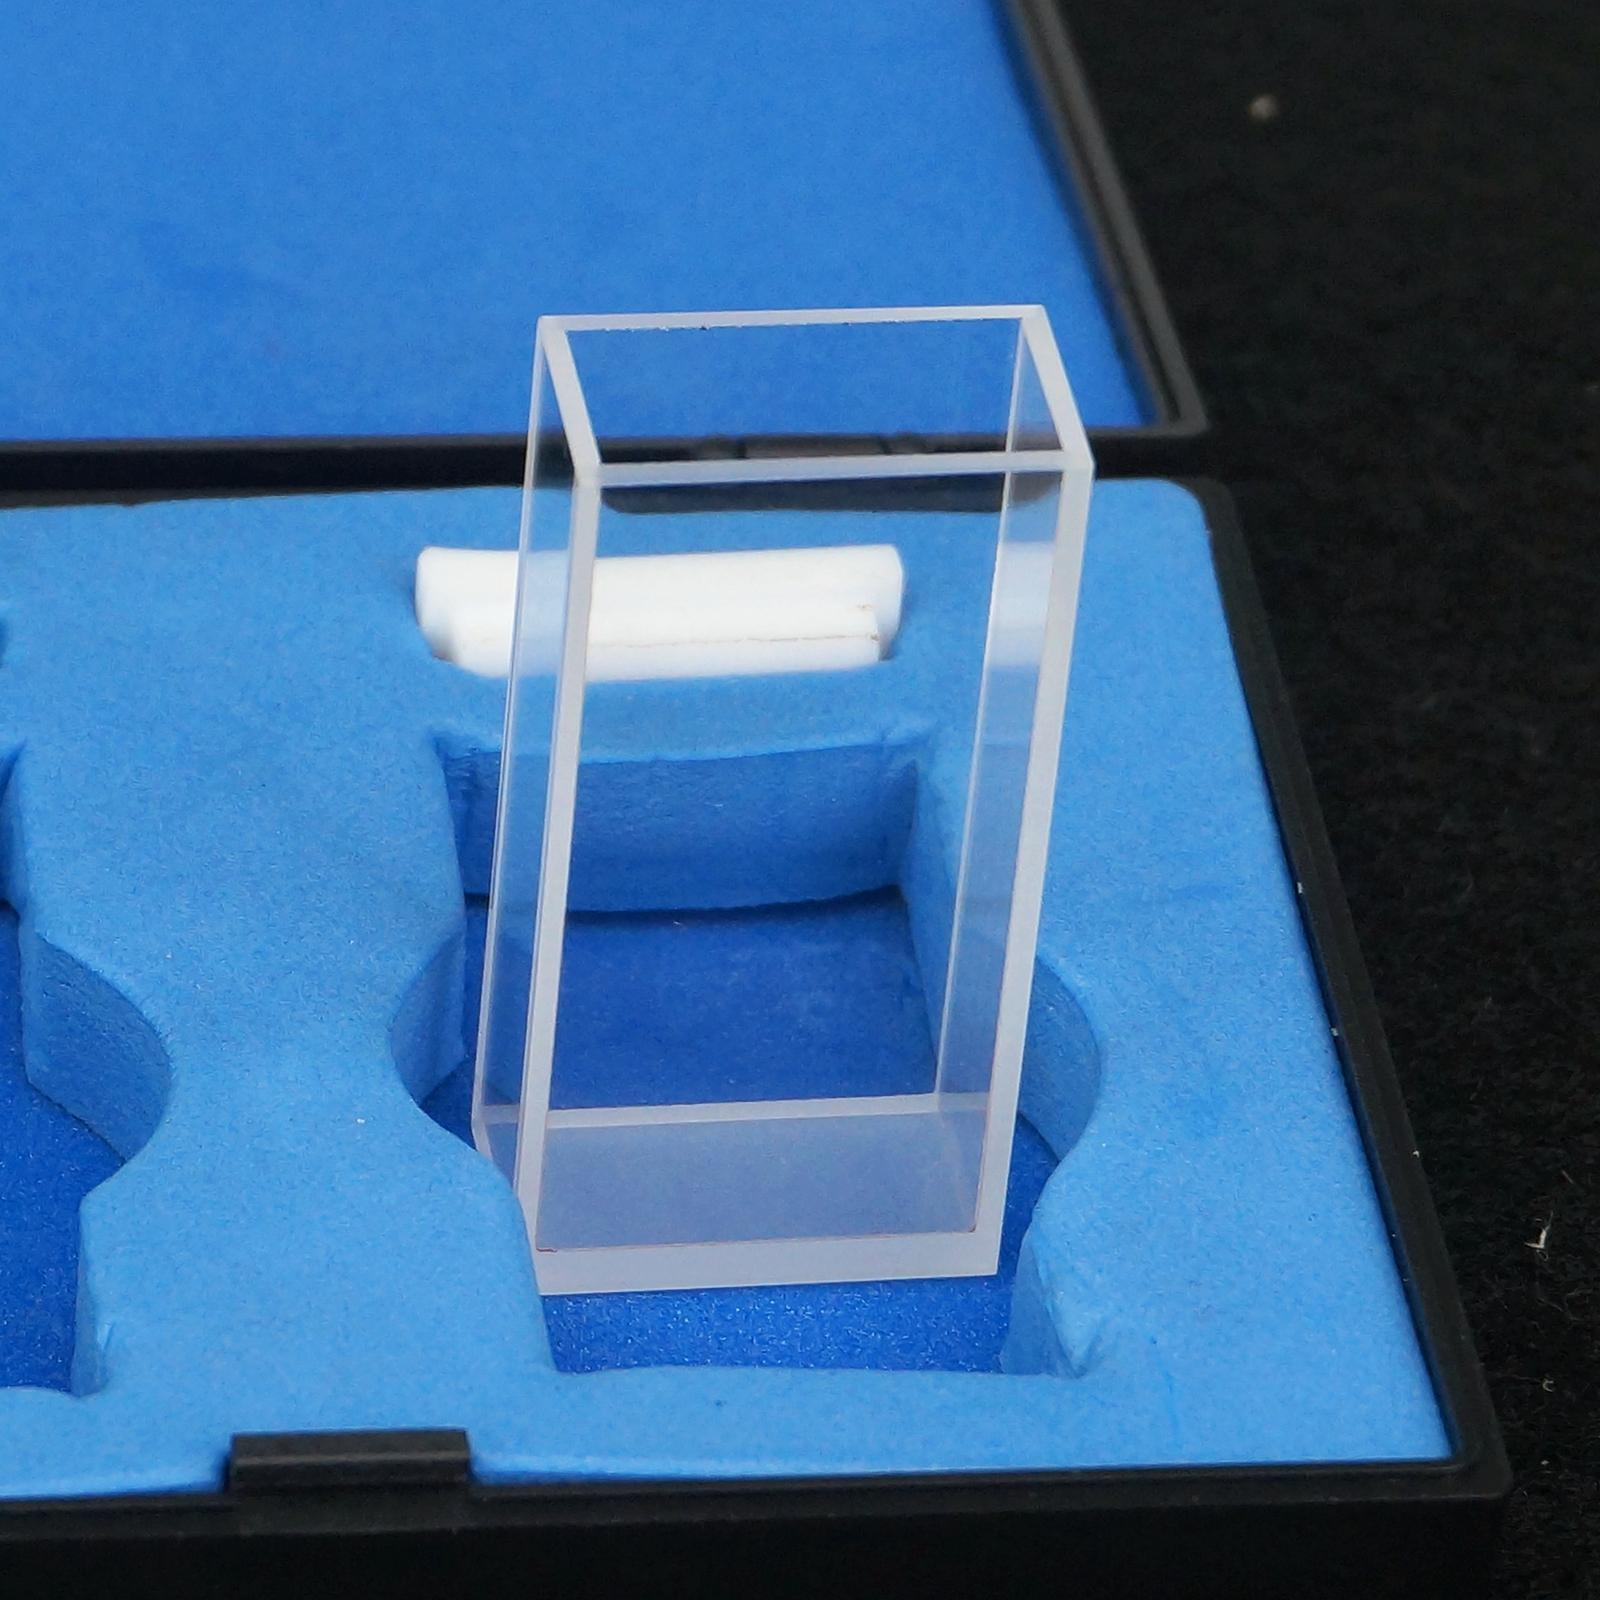 Cellule de Cuvette de Quartz de longueur de chemin de 20mm JGS1 avec le couvercle de Telfon pour des spectrophotomètres Uv